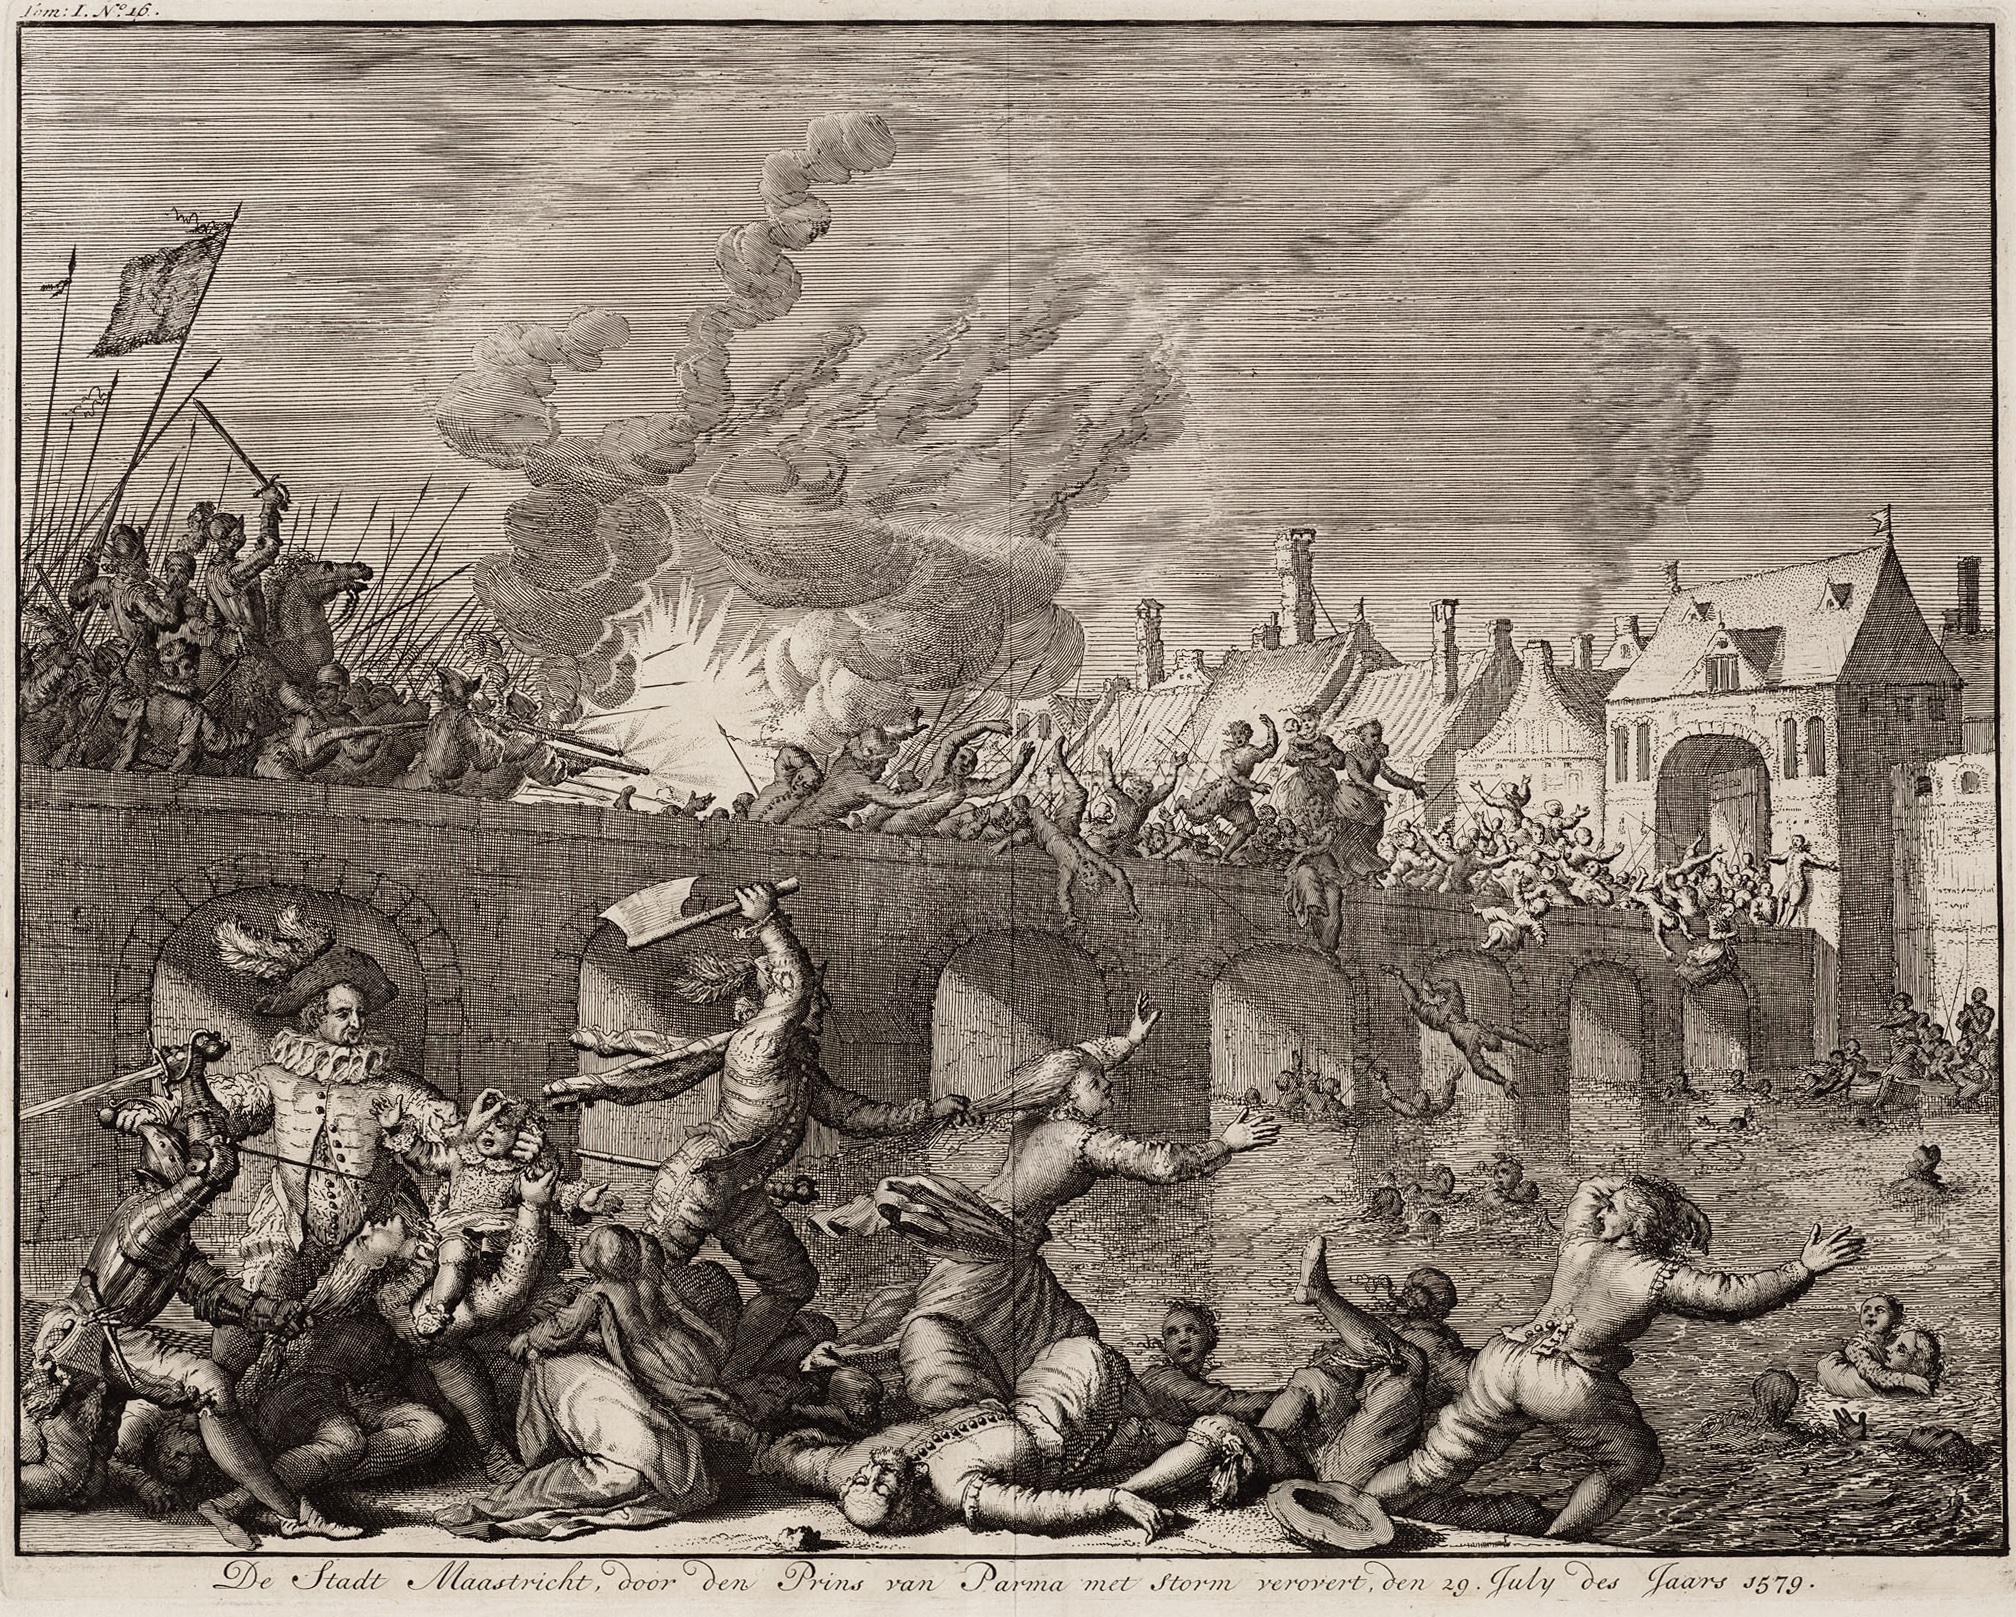 http://upload.wikimedia.org/wikipedia/commons/d/dc/De_stadt_Maastricht,_door_den_prins_van_Parma_(Alexander_Farnese)_met_storm_verovert,_den_29_july_des_jaars_1579_(Jan_Luyken,_1679).jpg